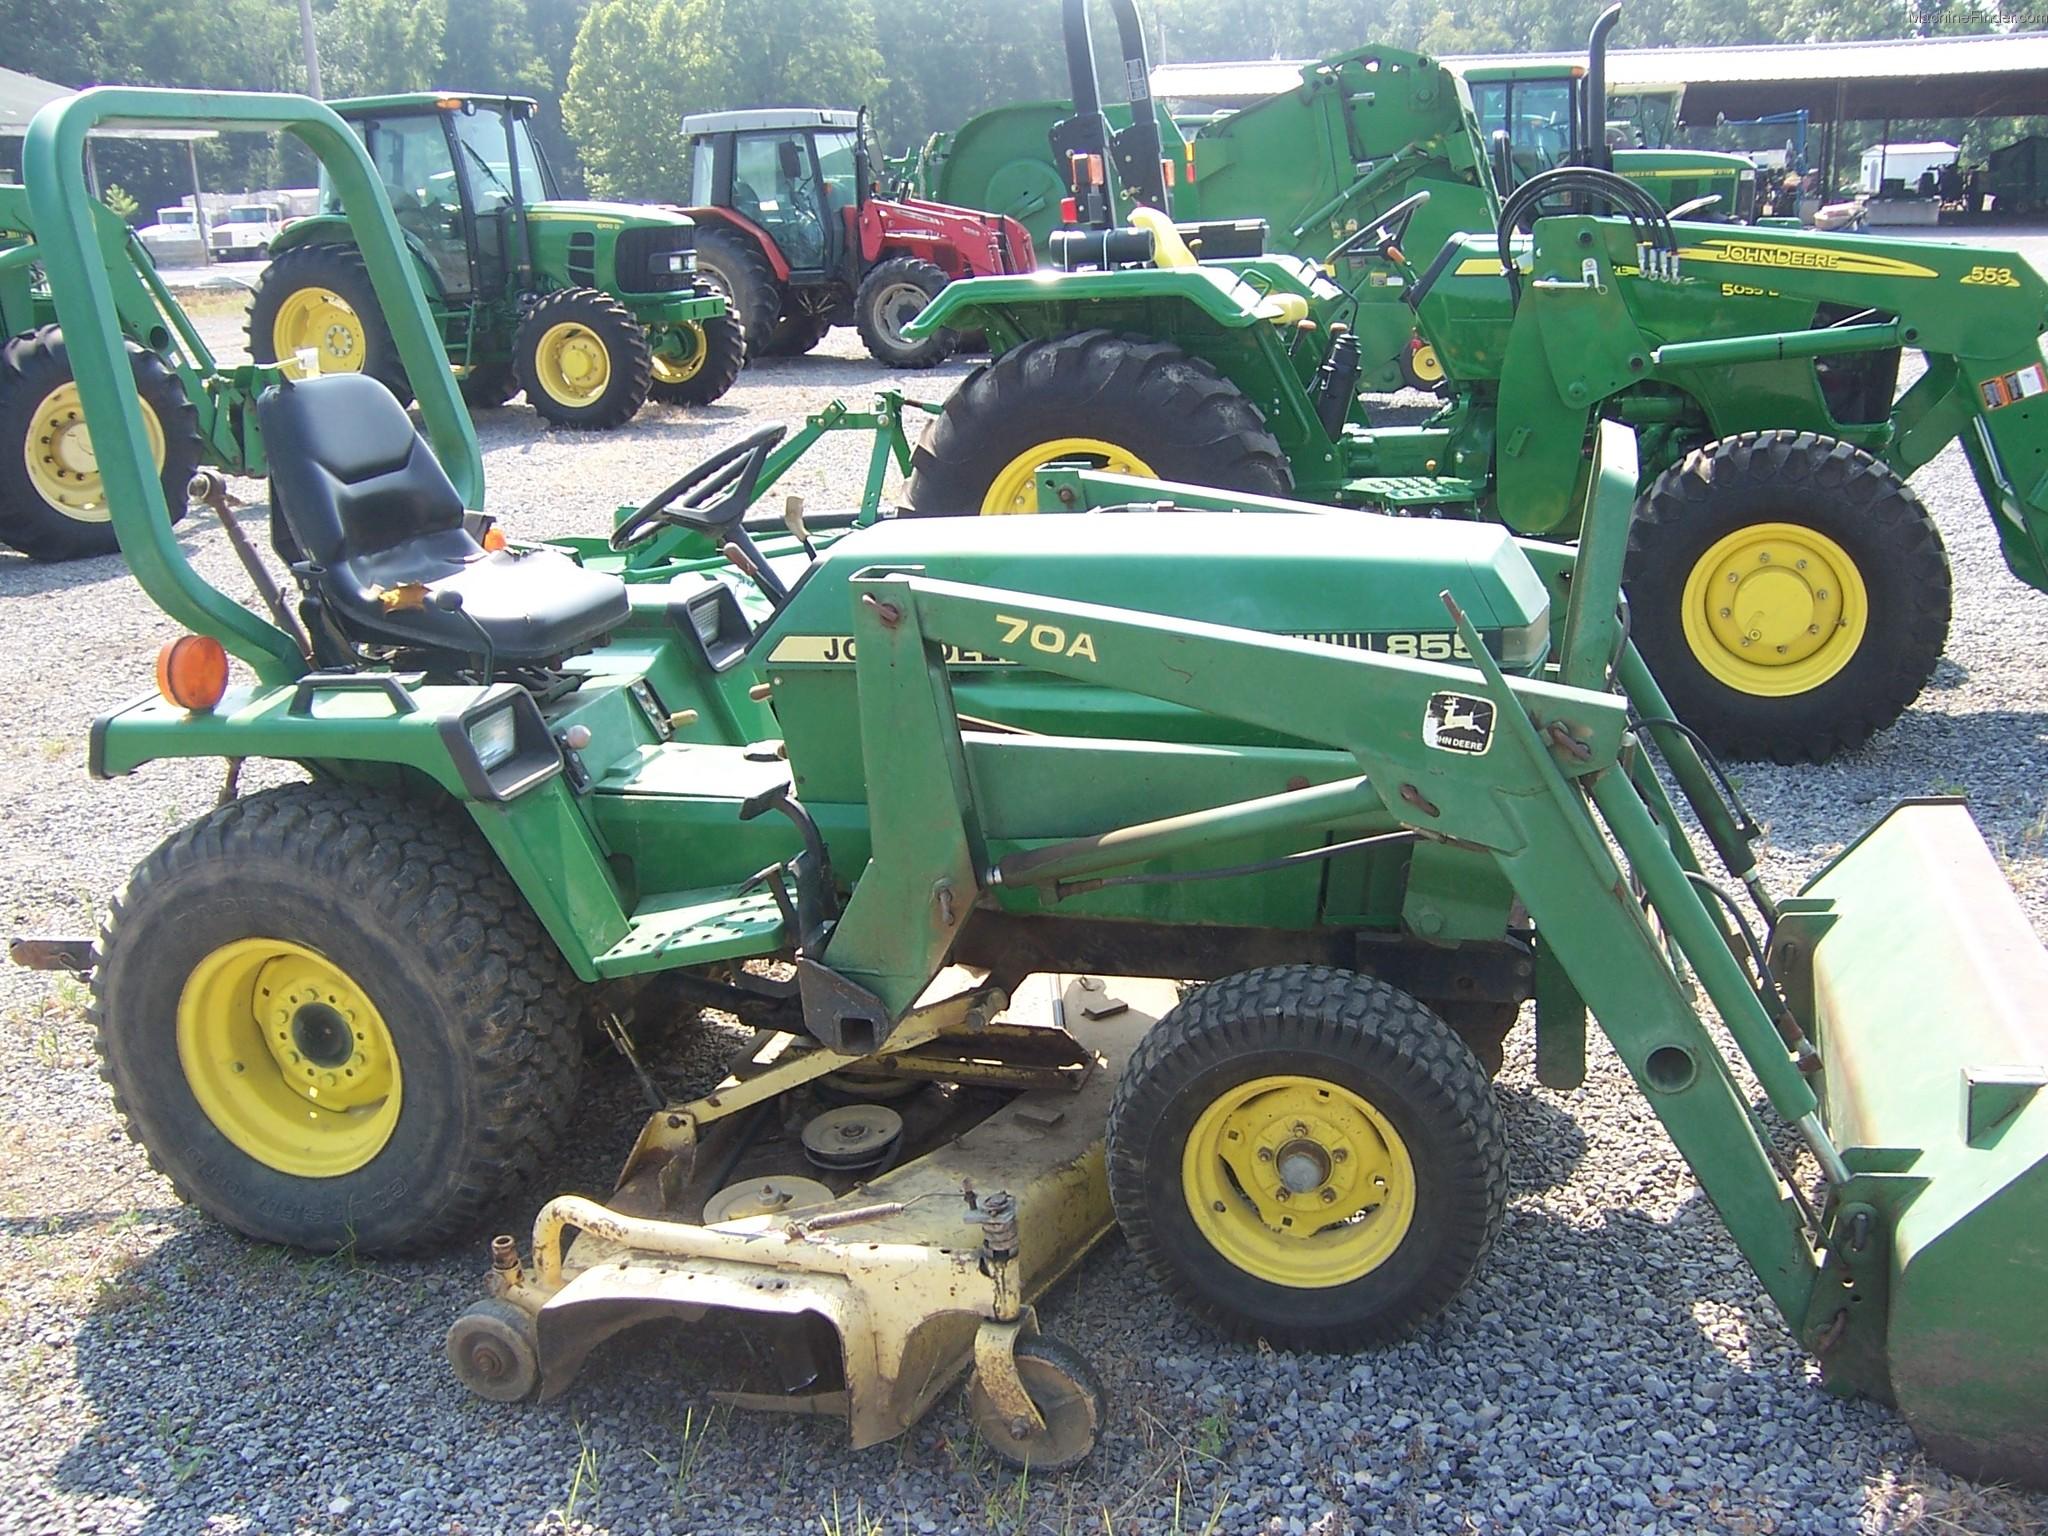 1991 John Deere 855 Tractors - Compact (1-40hp.) -